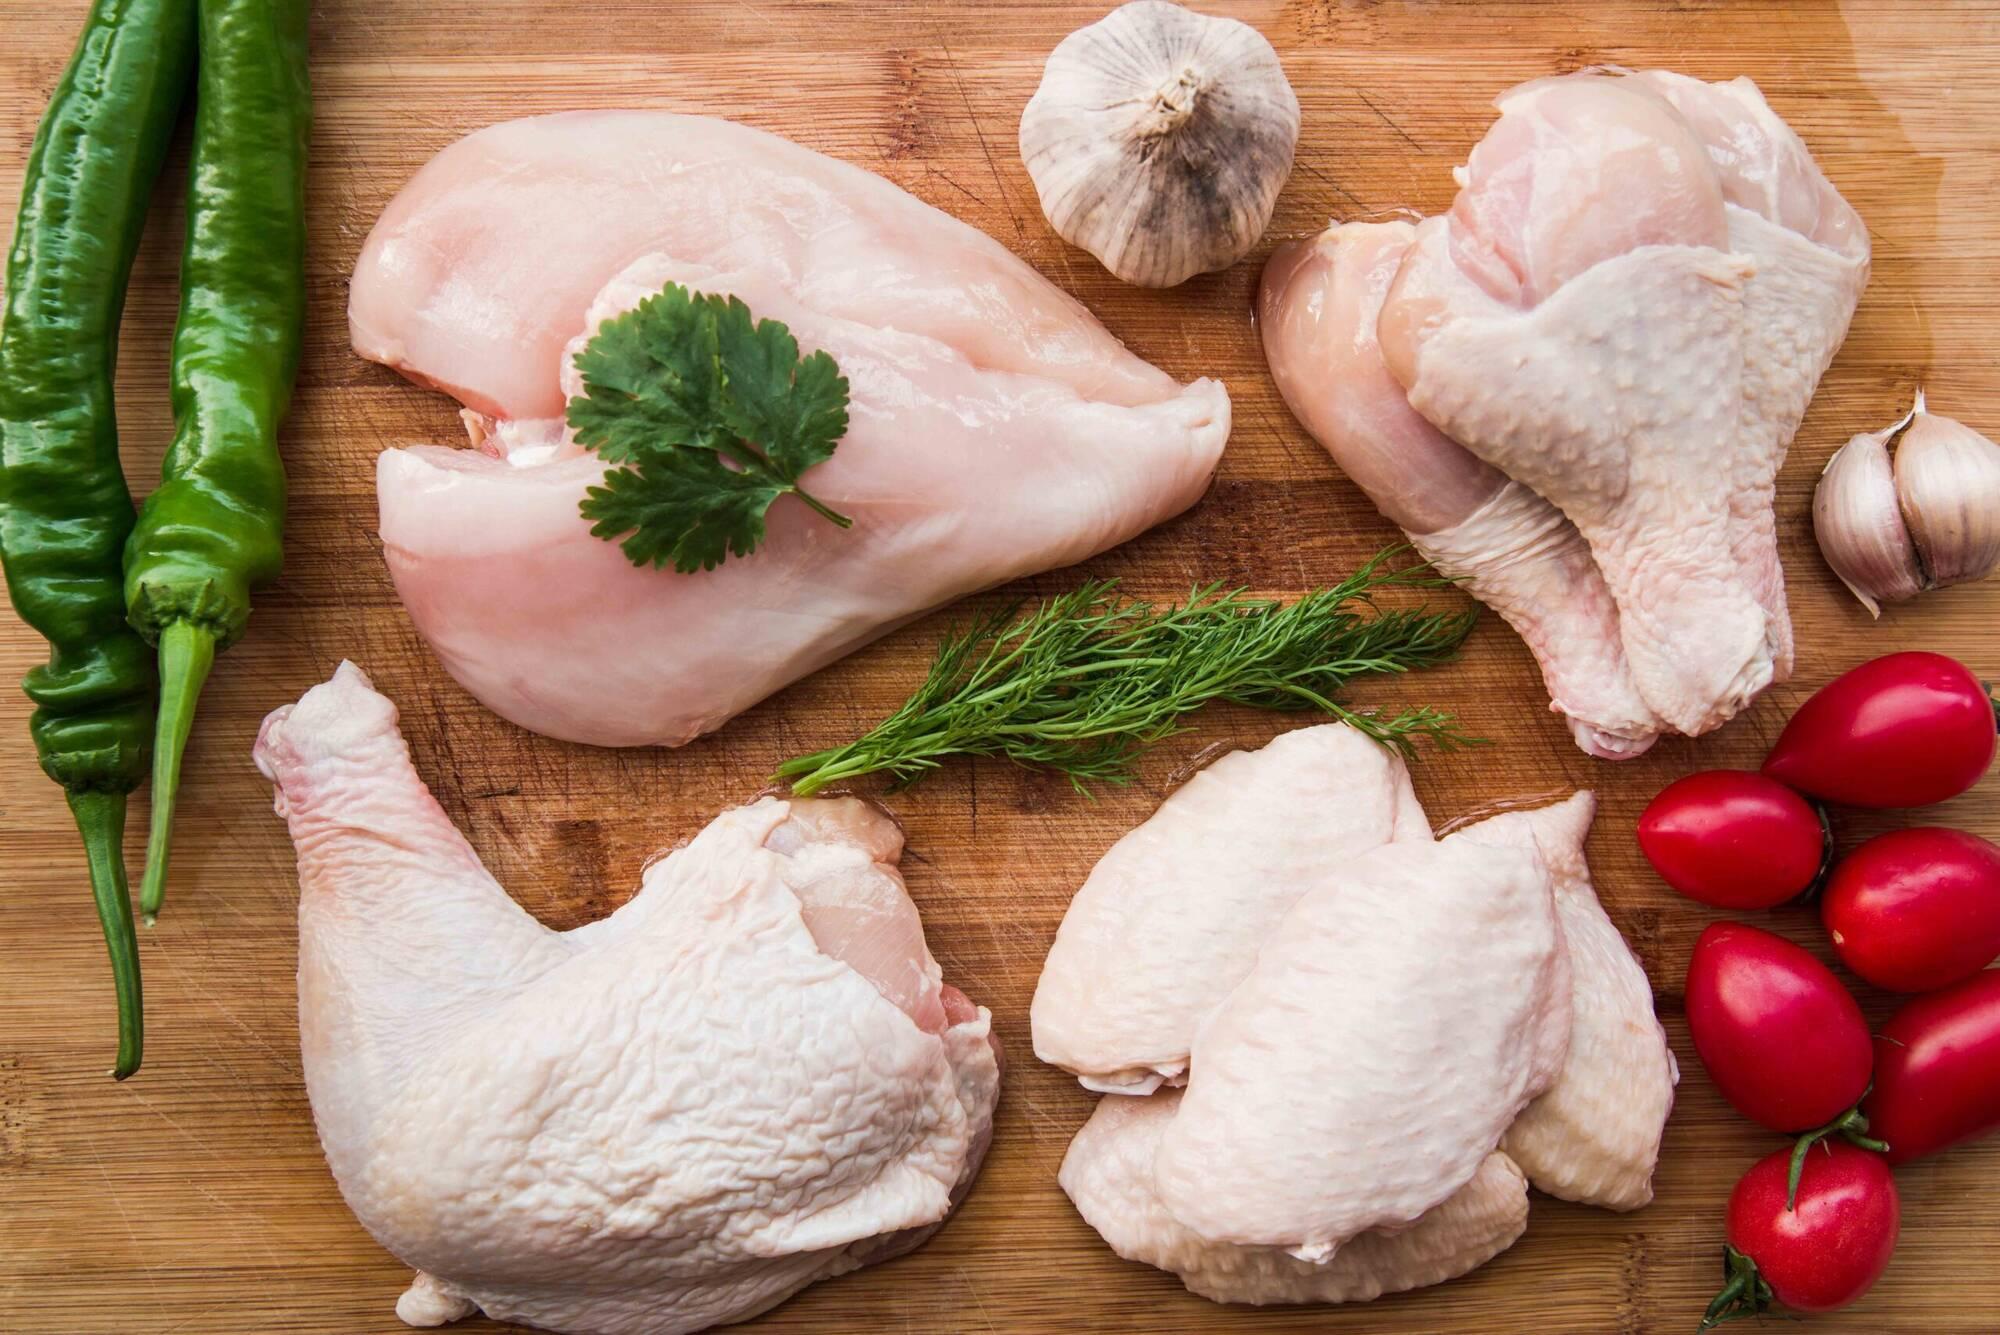 Визуальный осмотр позволит оценить чистоту мяса и его свежесть по цвету: филе должно быть бледно-розовым, а кожица - желтая с розовым оттенком